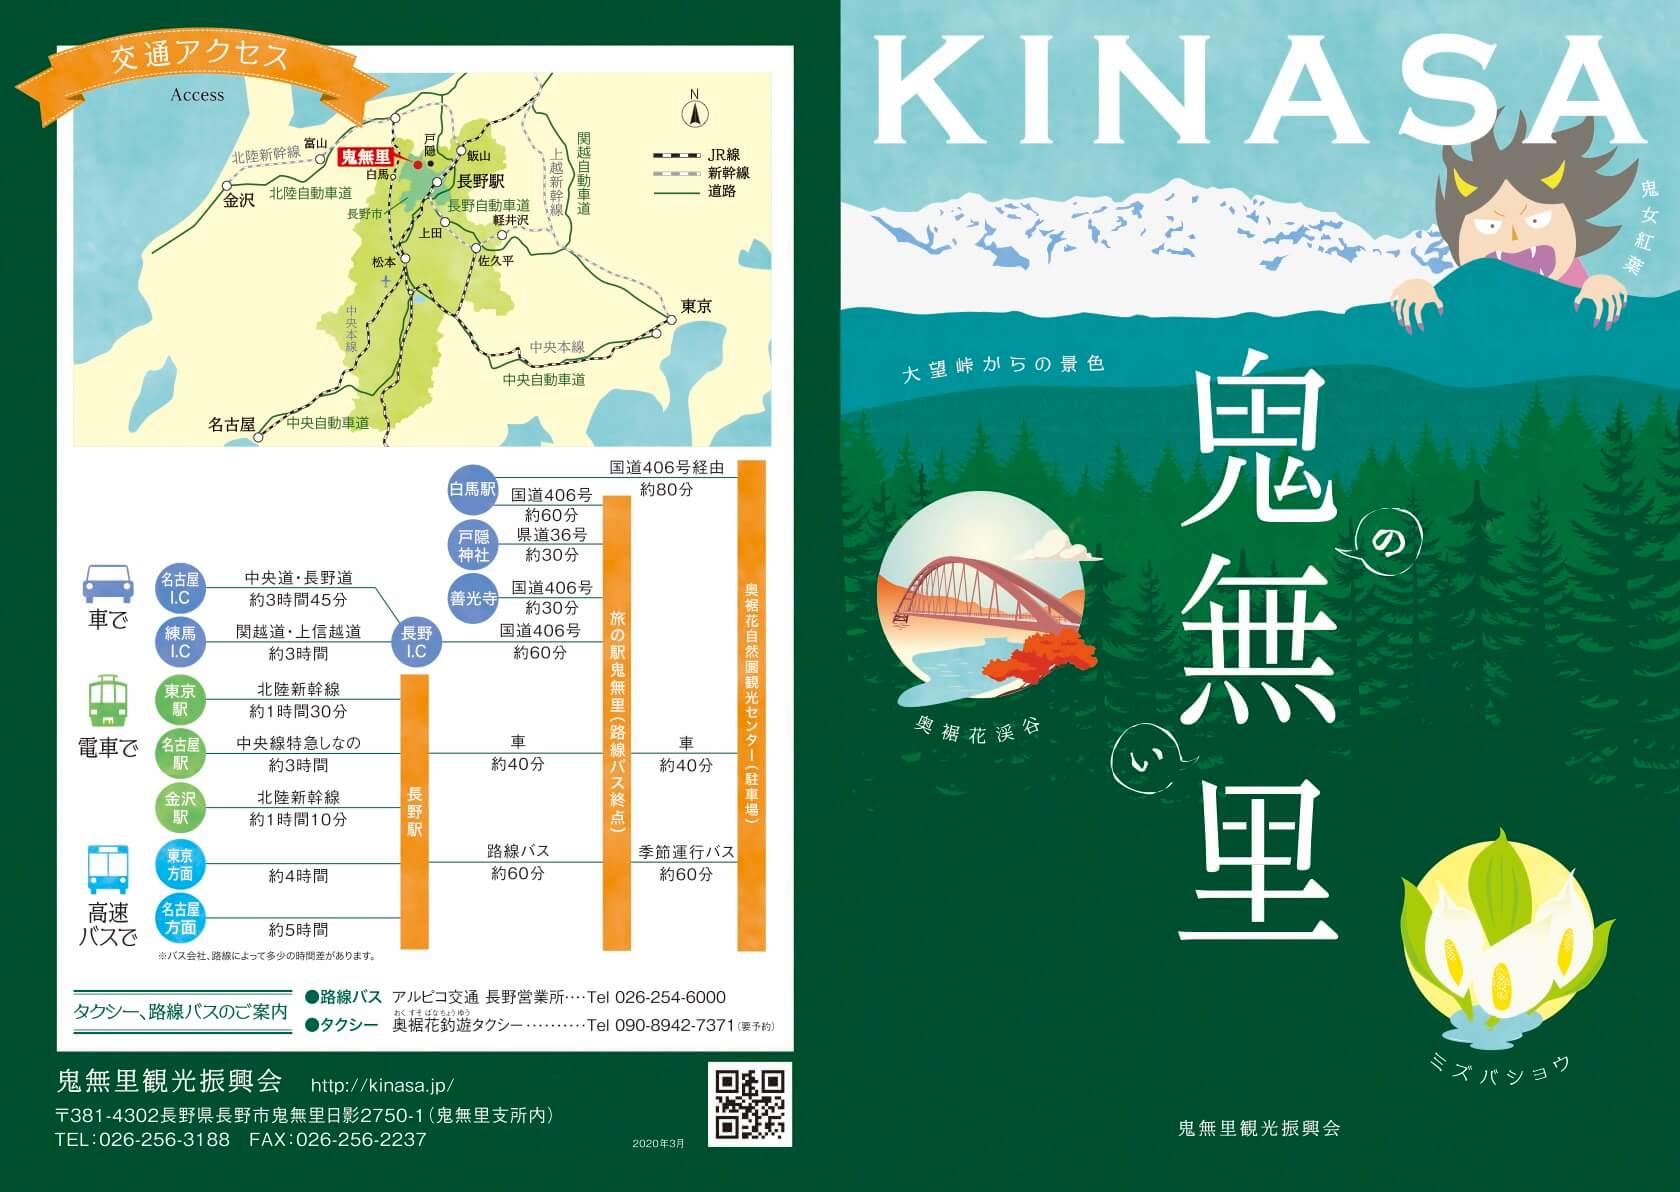 kinasa_sasshi_fix_200313-1_c